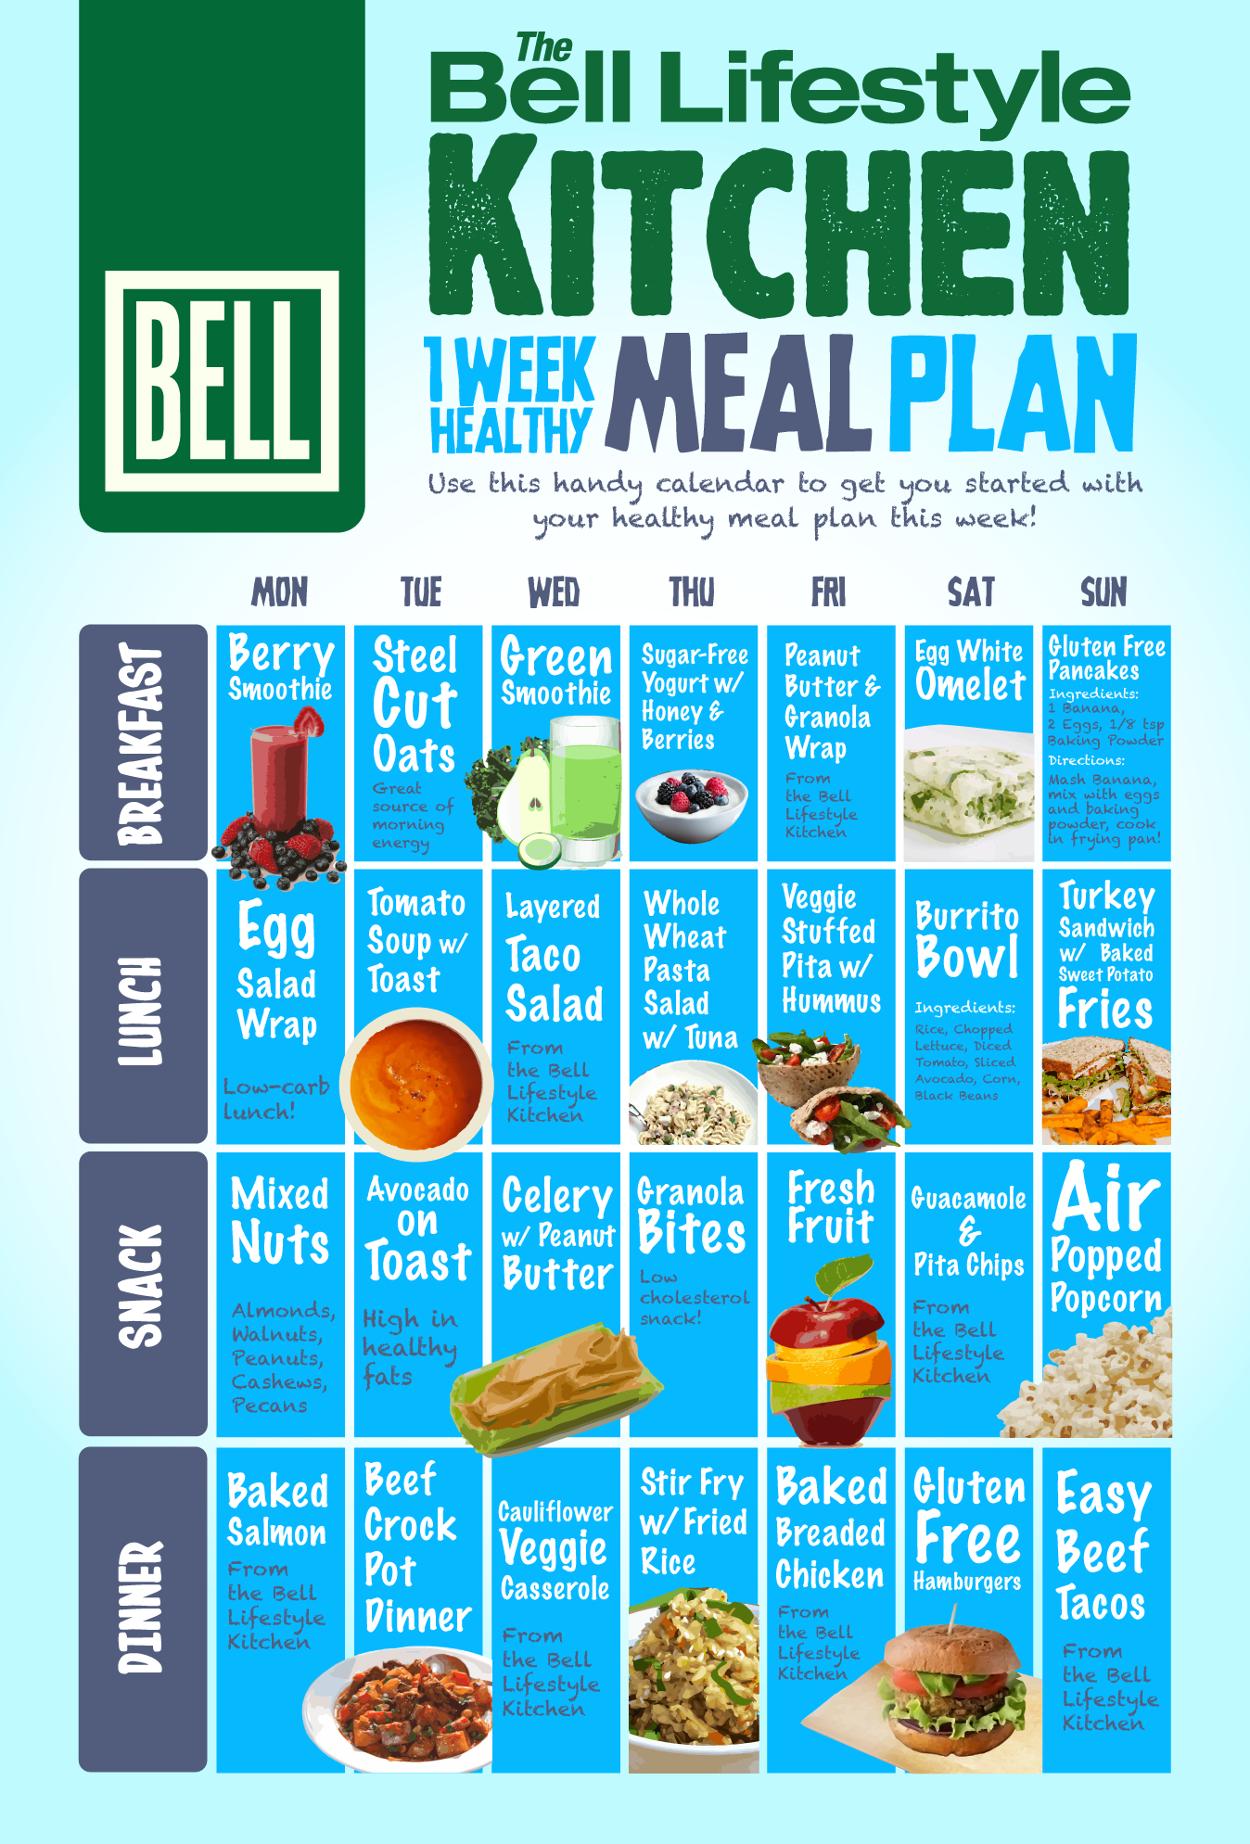 Healthy Food Plan Week